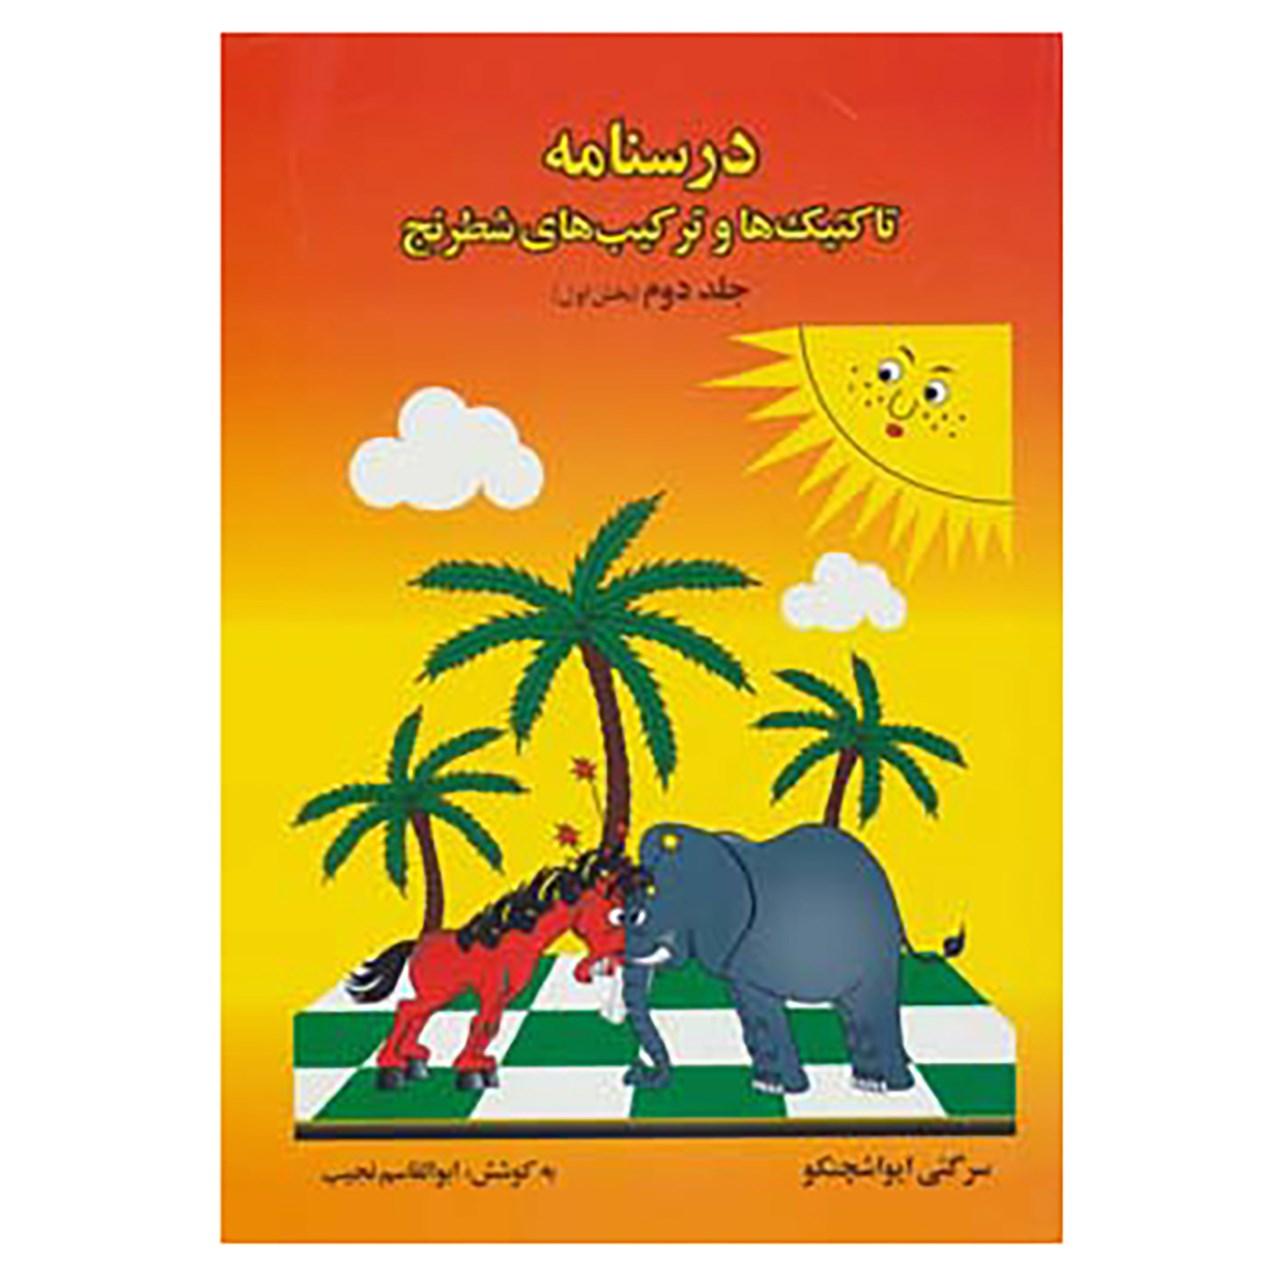 خرید                      کتاب درسنامه تاکتیک ها و ترکیب های شطرنج 2 اثر سرگئی ایواشچنکو